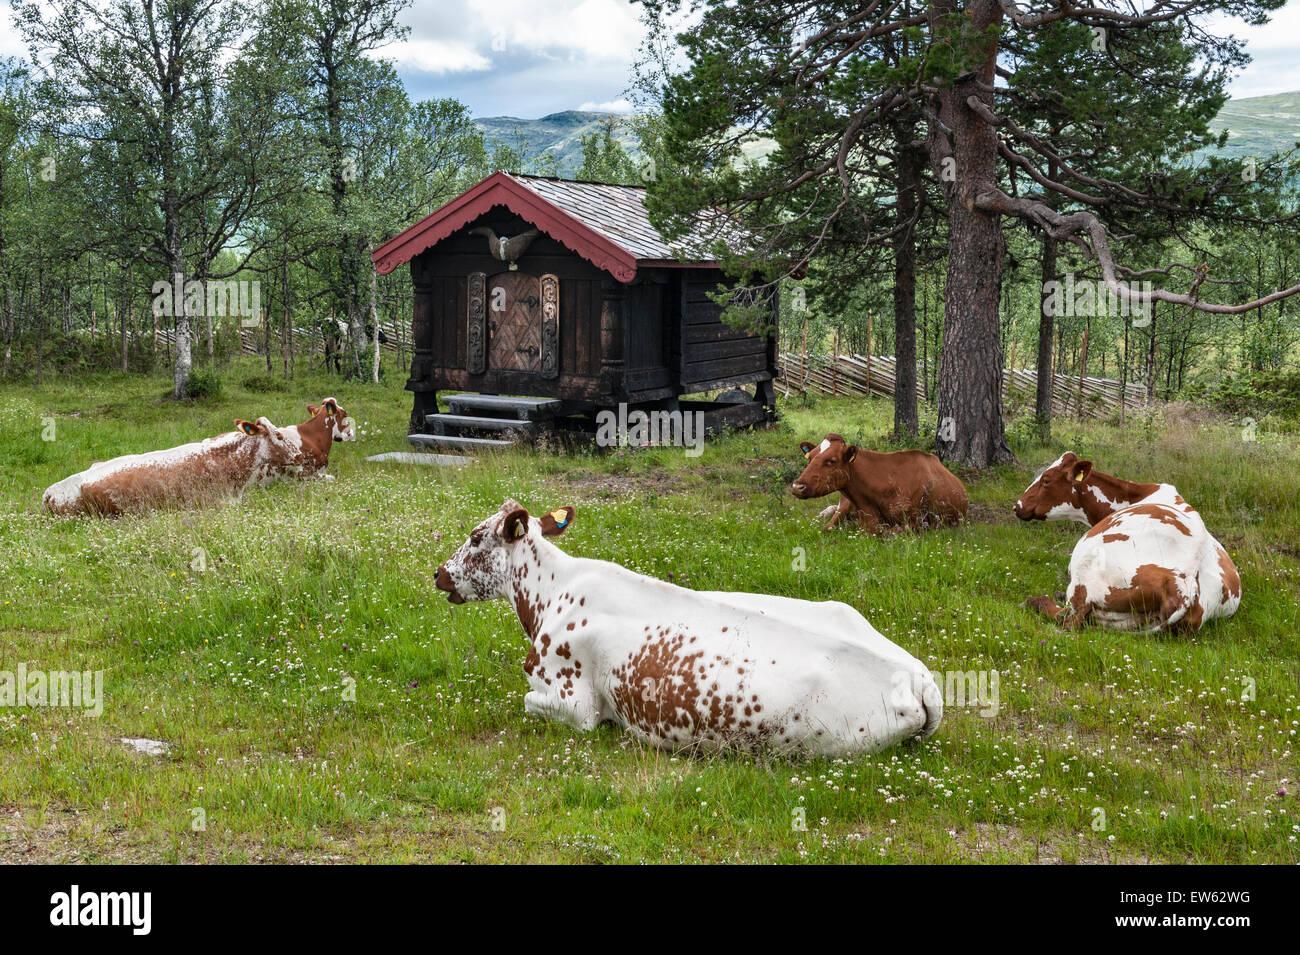 Norvegia, la valle di Gudbrandsdalen. Il pascolo di bestiame intorno a un tradizionale rifugio di montagna (hytte) Immagini Stock